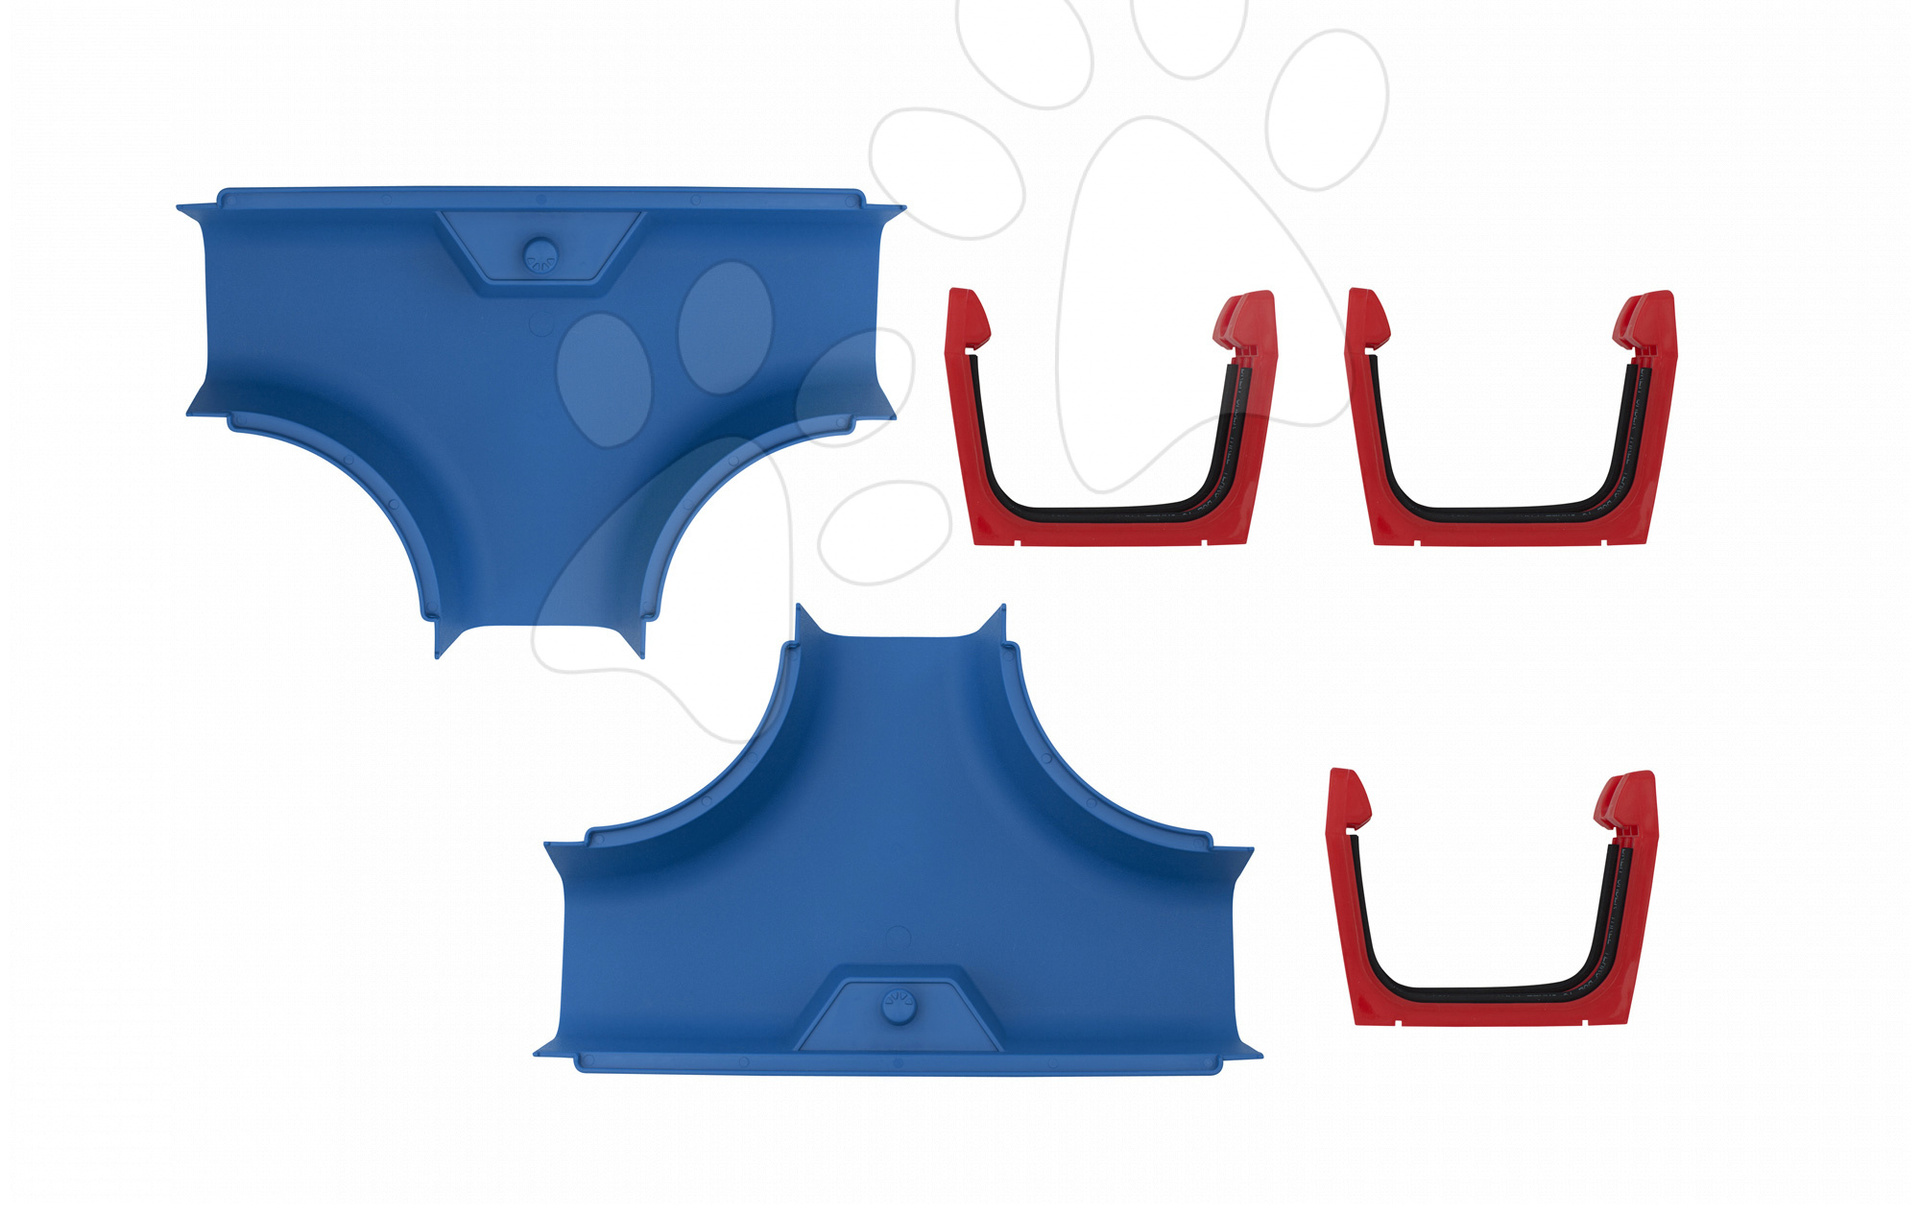 Dopunski dijelovi Aquaplay T križanje uz sve vodene staze – set 2 komada s brtvama